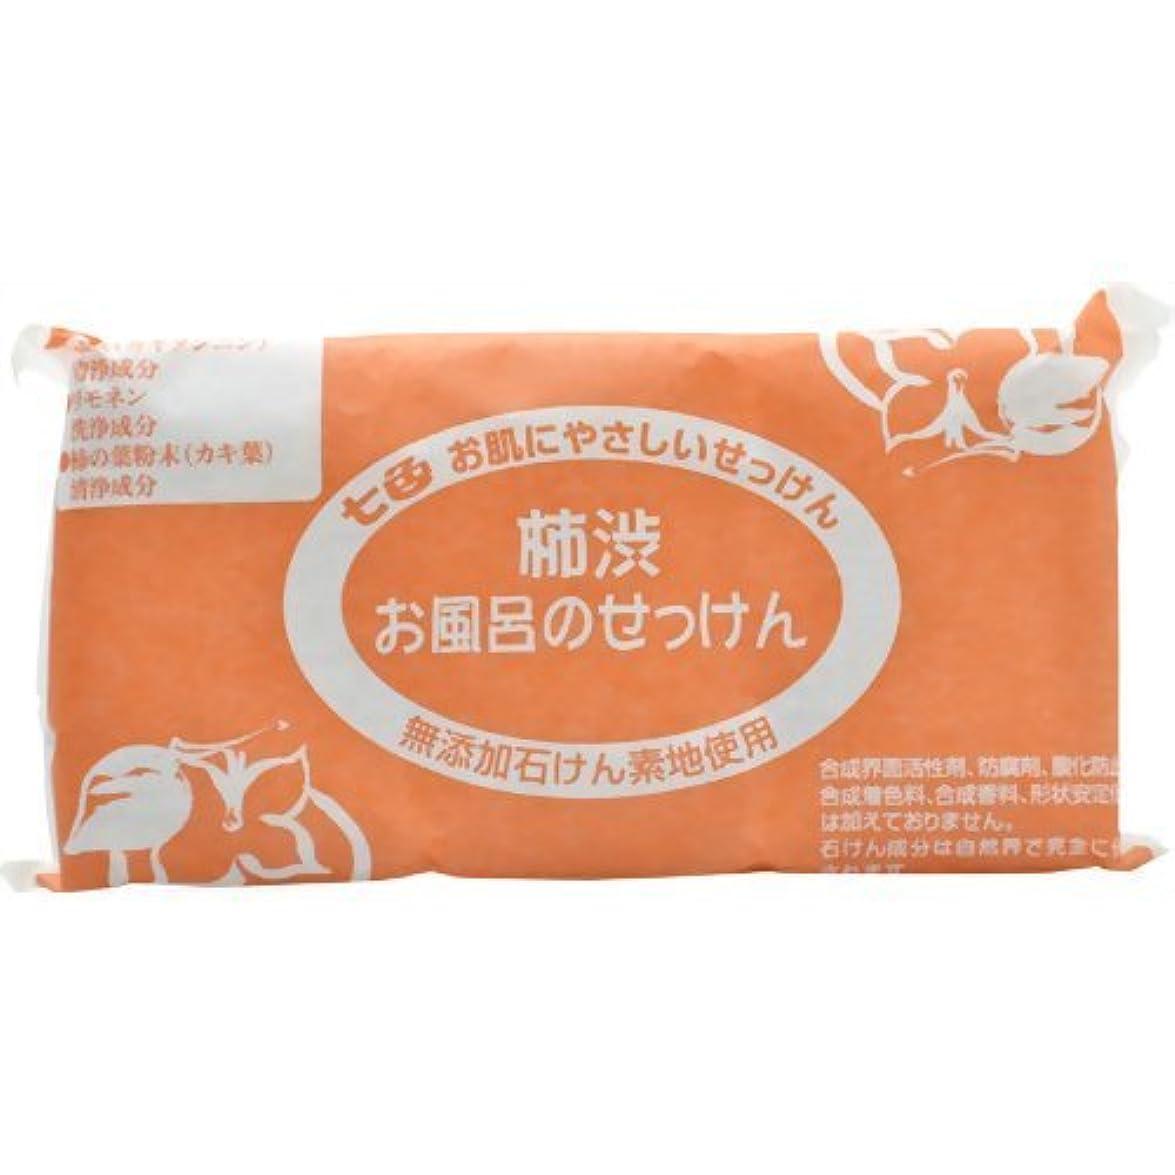 貨物事非効率的な七色 お風呂のせっけん 柿渋(無添加石鹸) 100g×3個入